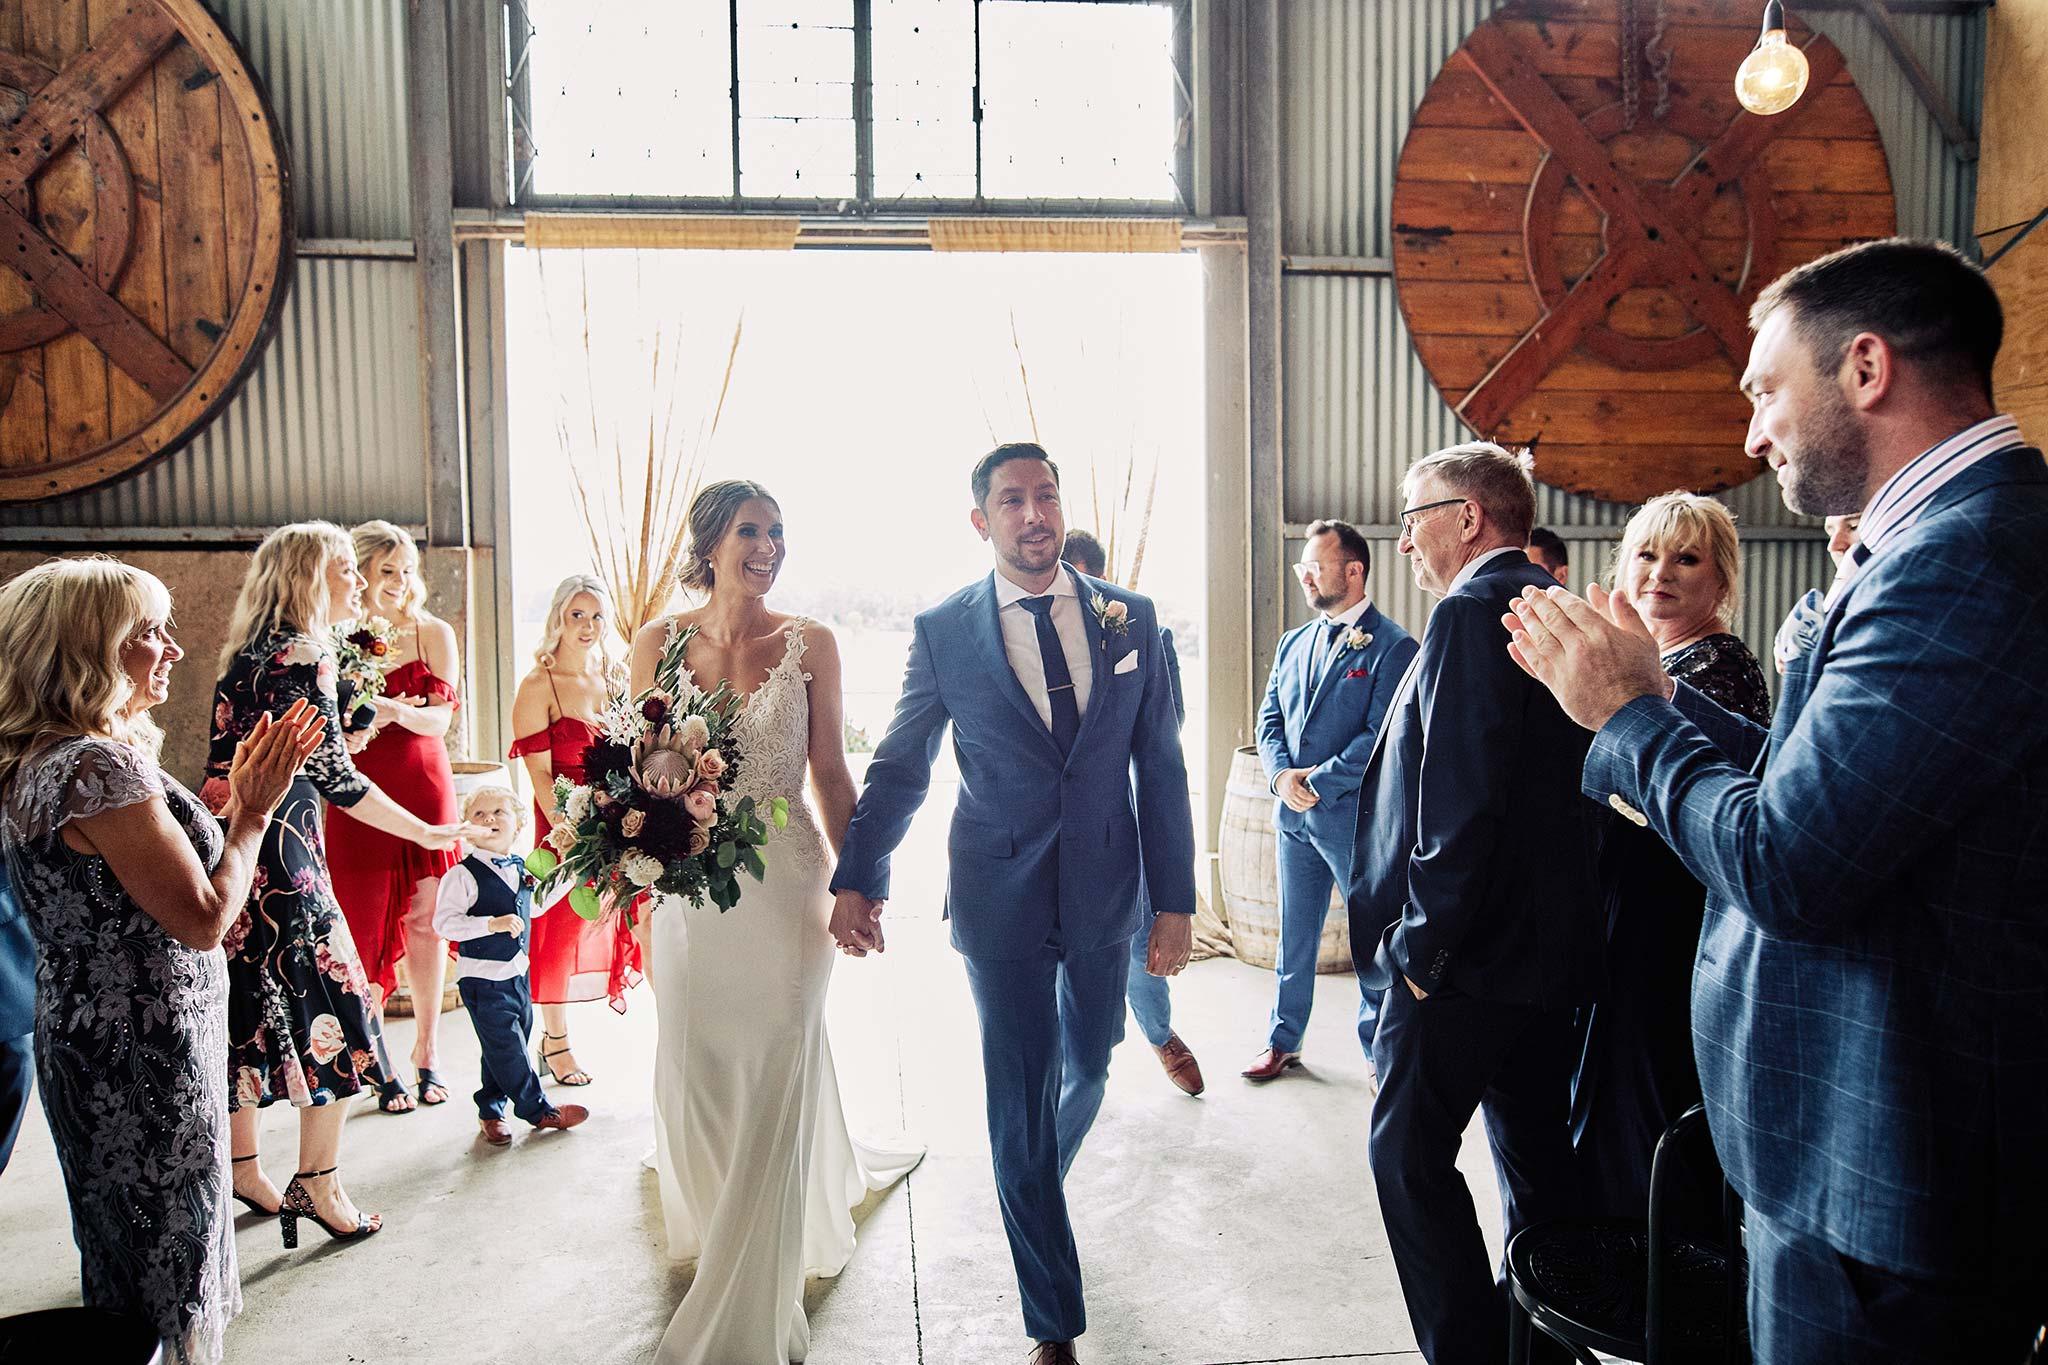 Zonzo estate wedding ceremony exit